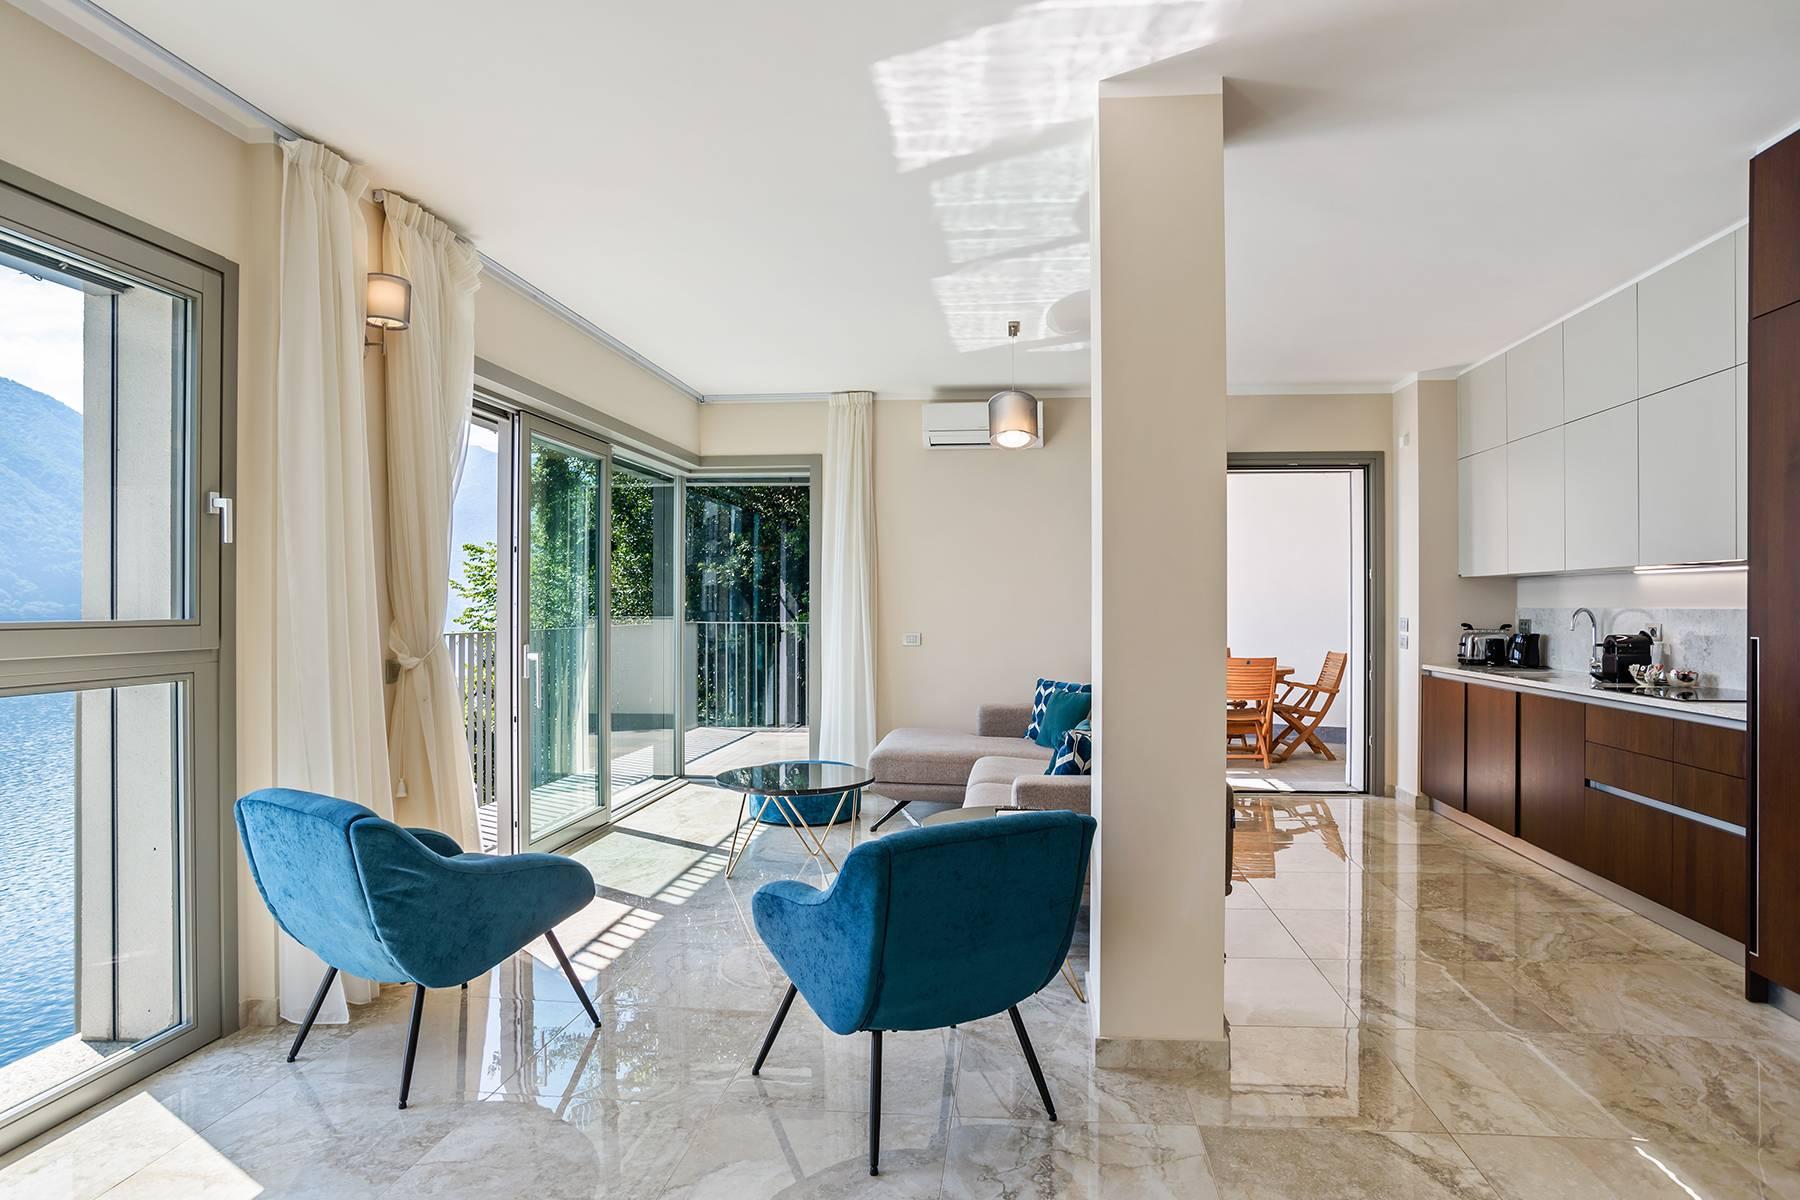 Appartamento in Vendita a Argegno: 5 locali, 141 mq - Foto 5